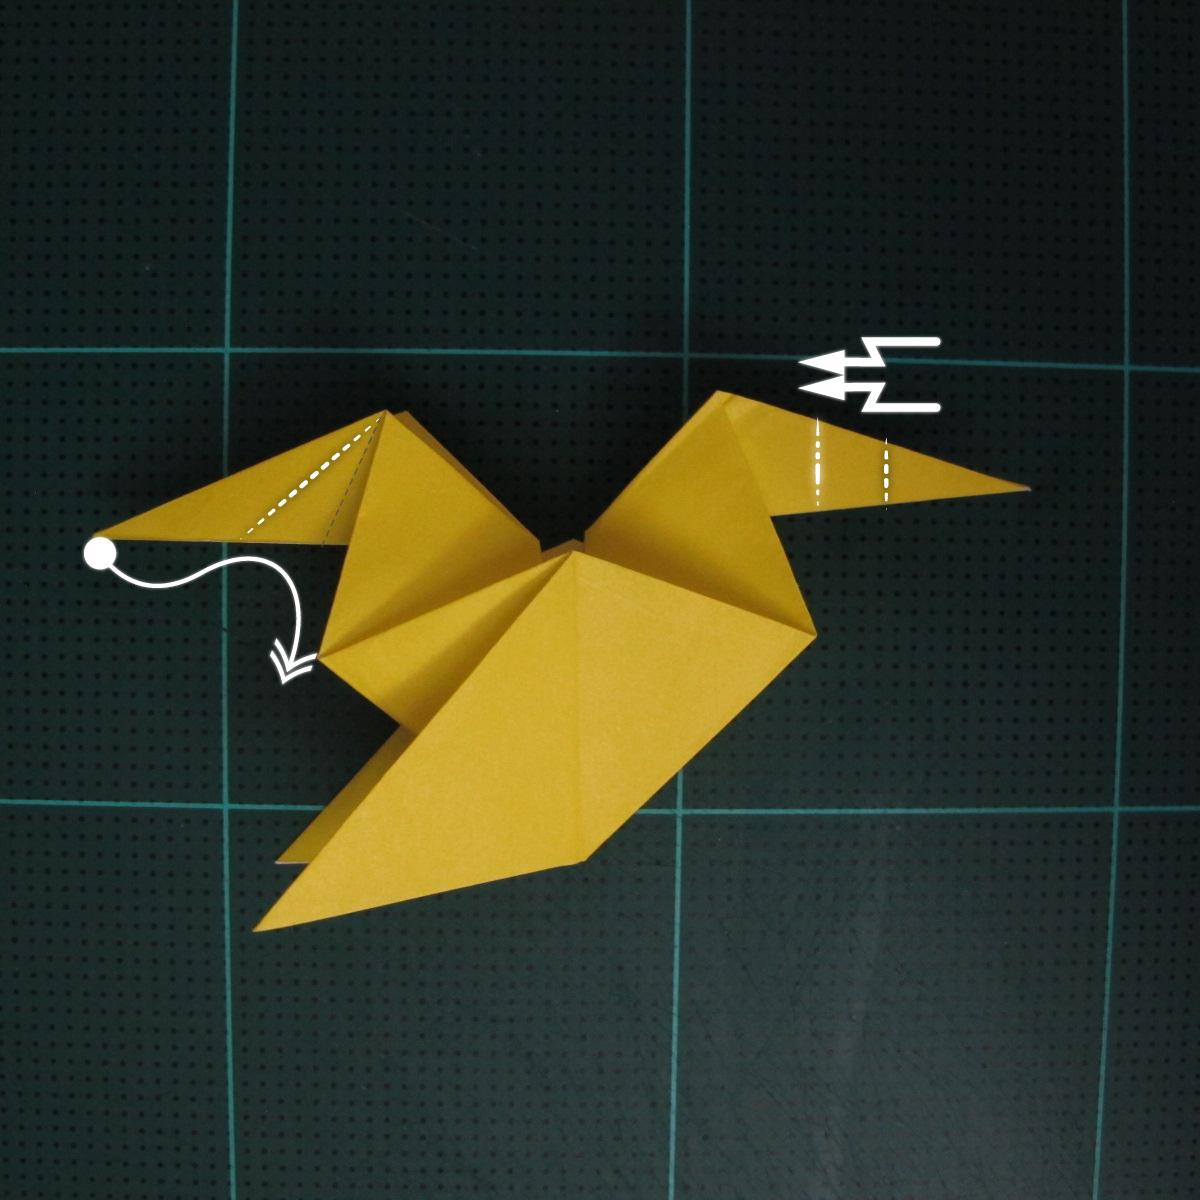 การพับกระดาษเป็นรูปไก่ (Origami Rooster) 007